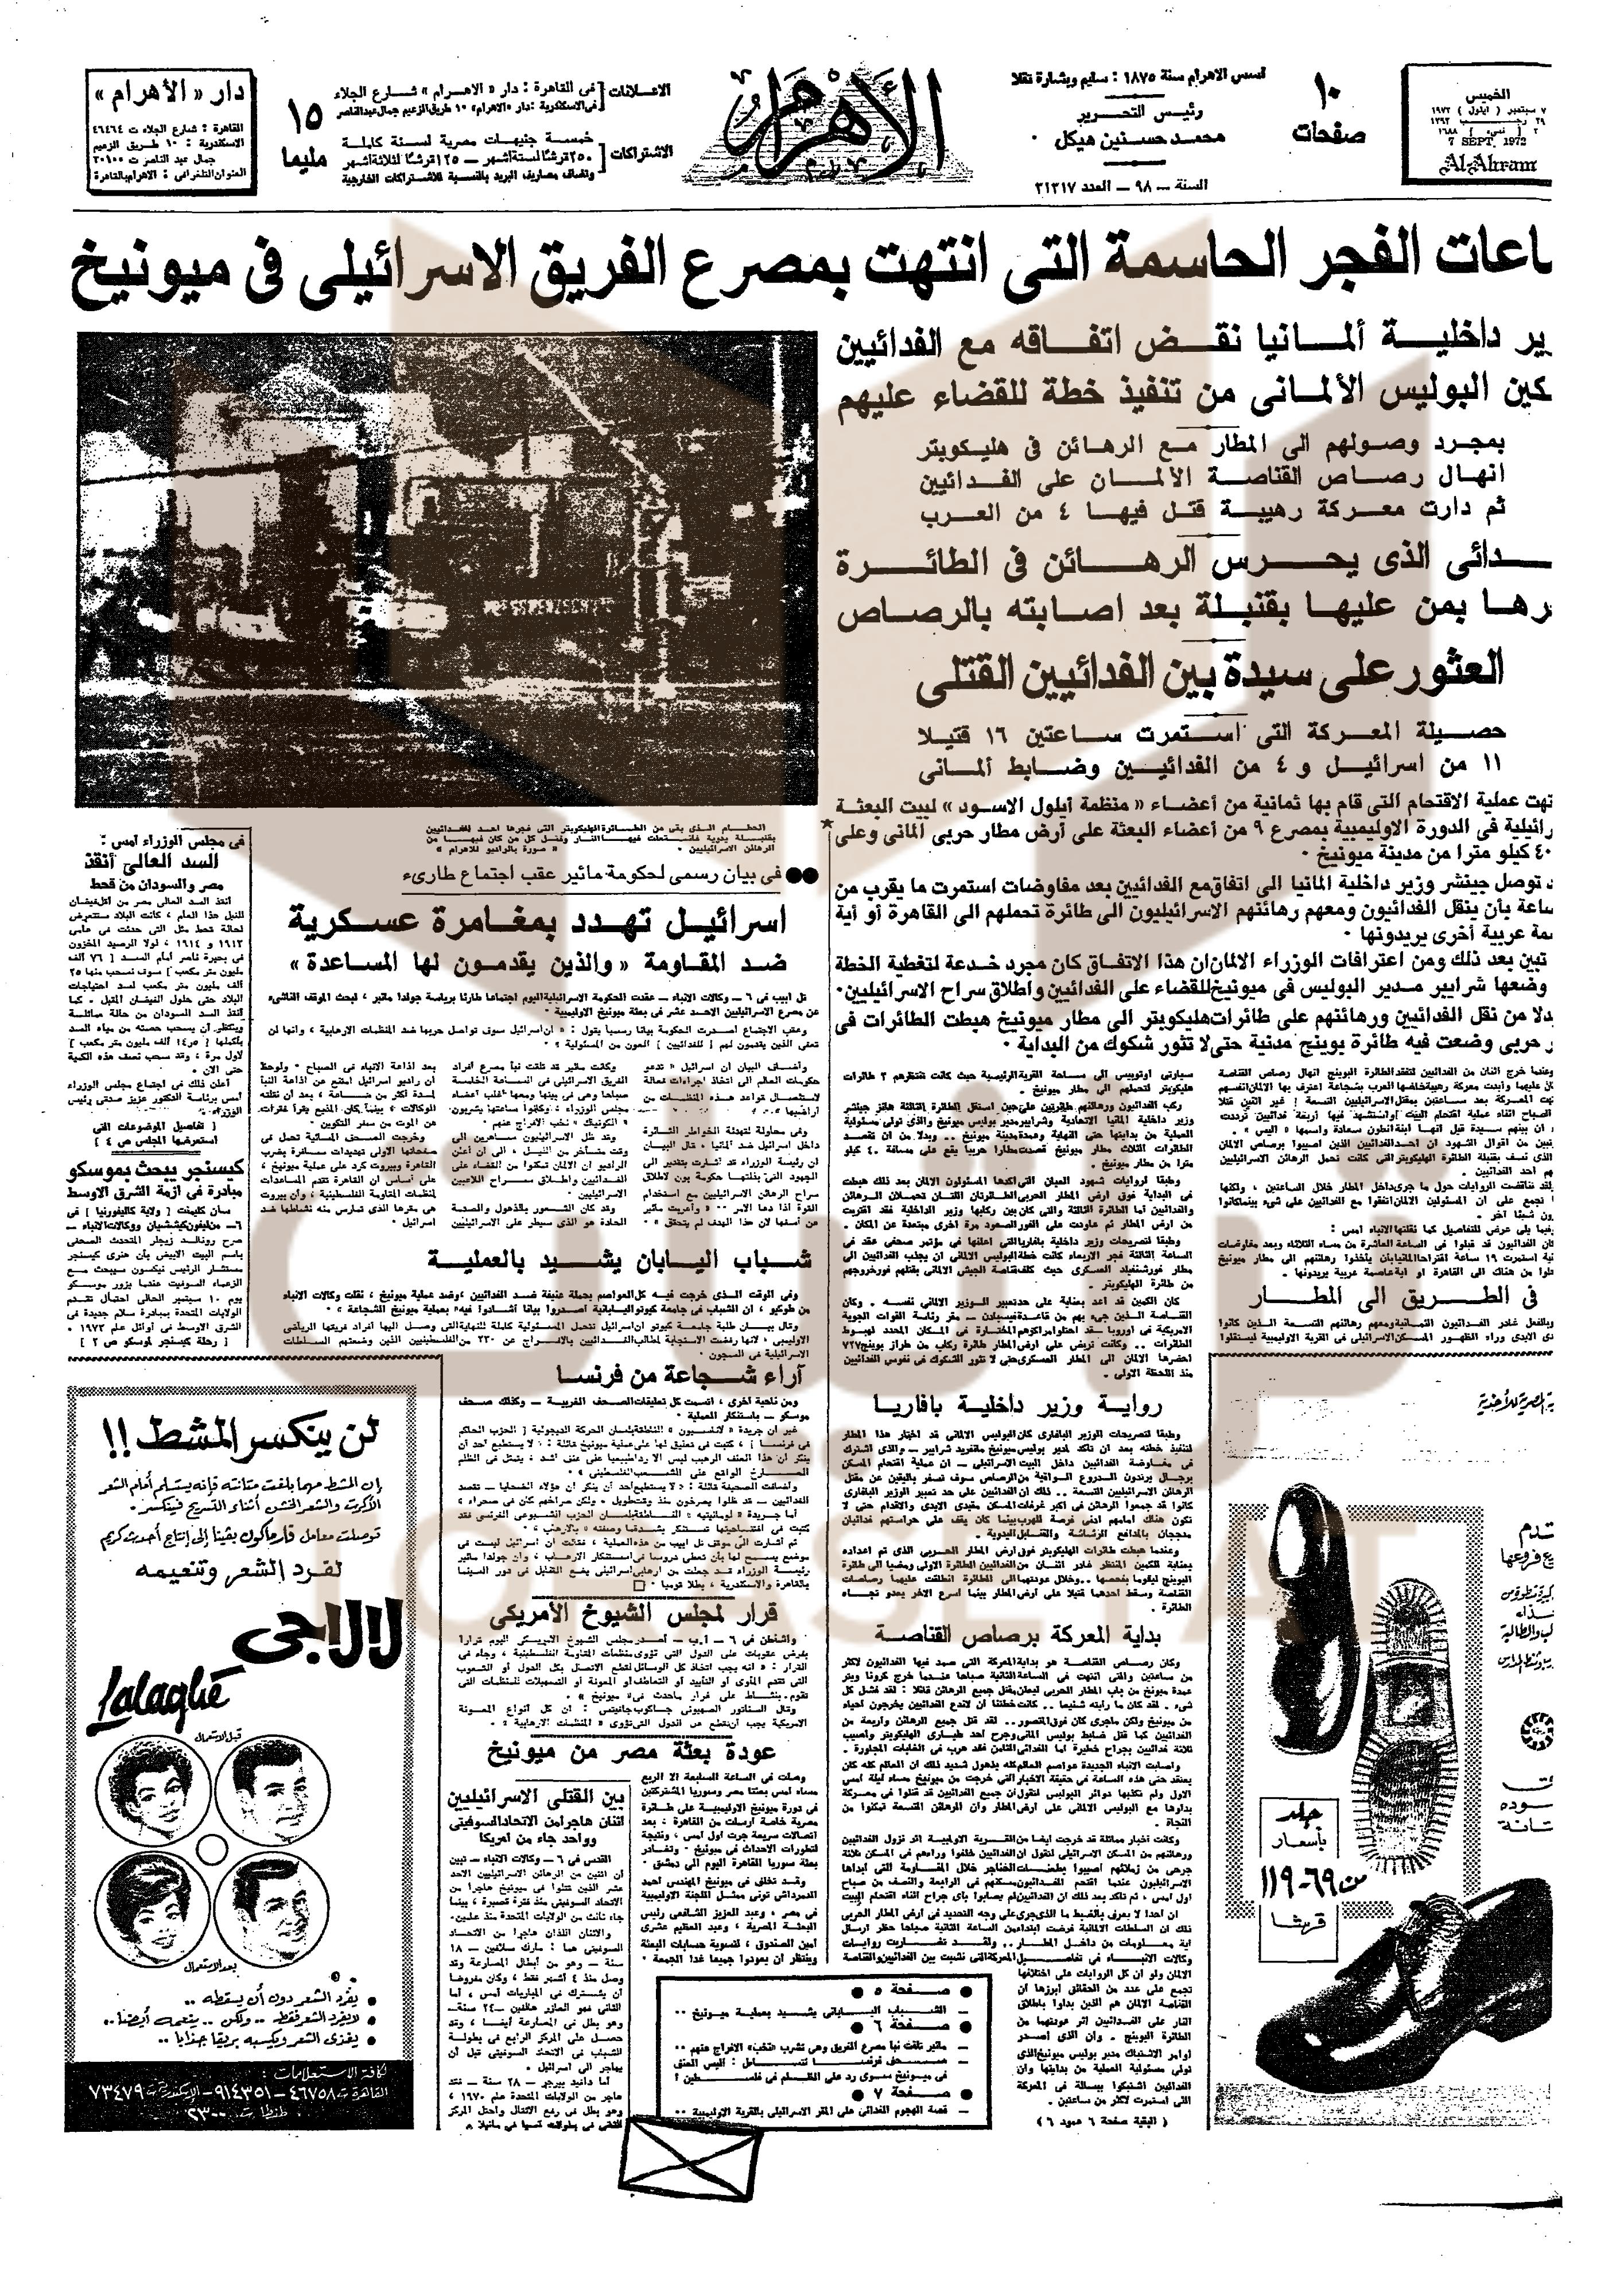 الصفحة الأولى من جريدة الأهرام يوم 7 سبتمبر 1972 م